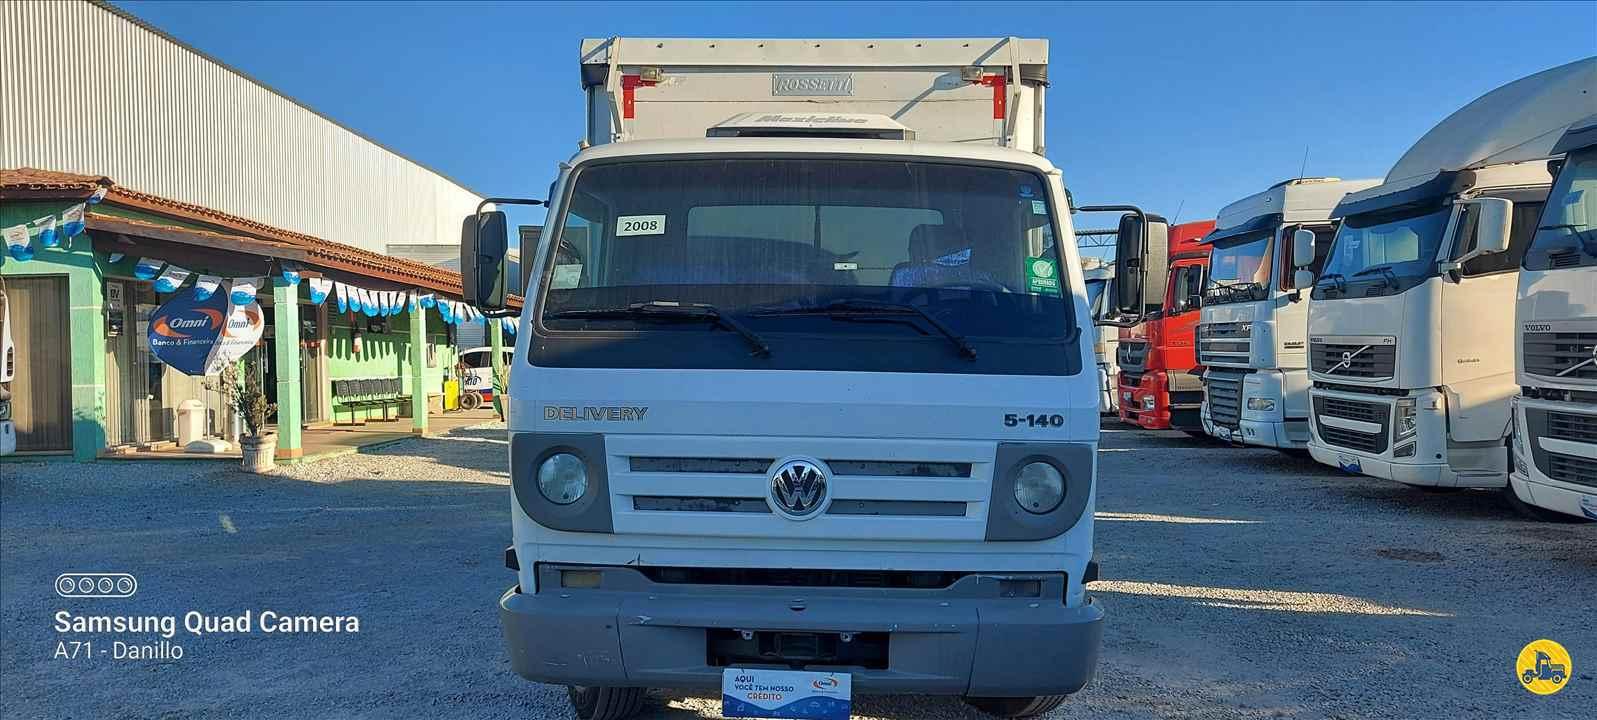 CAMINHAO VOLKSWAGEN VW 5140 Baú Sider Toco 4x2 13 de Maio Caminhões BETIM MINAS GERAIS MG